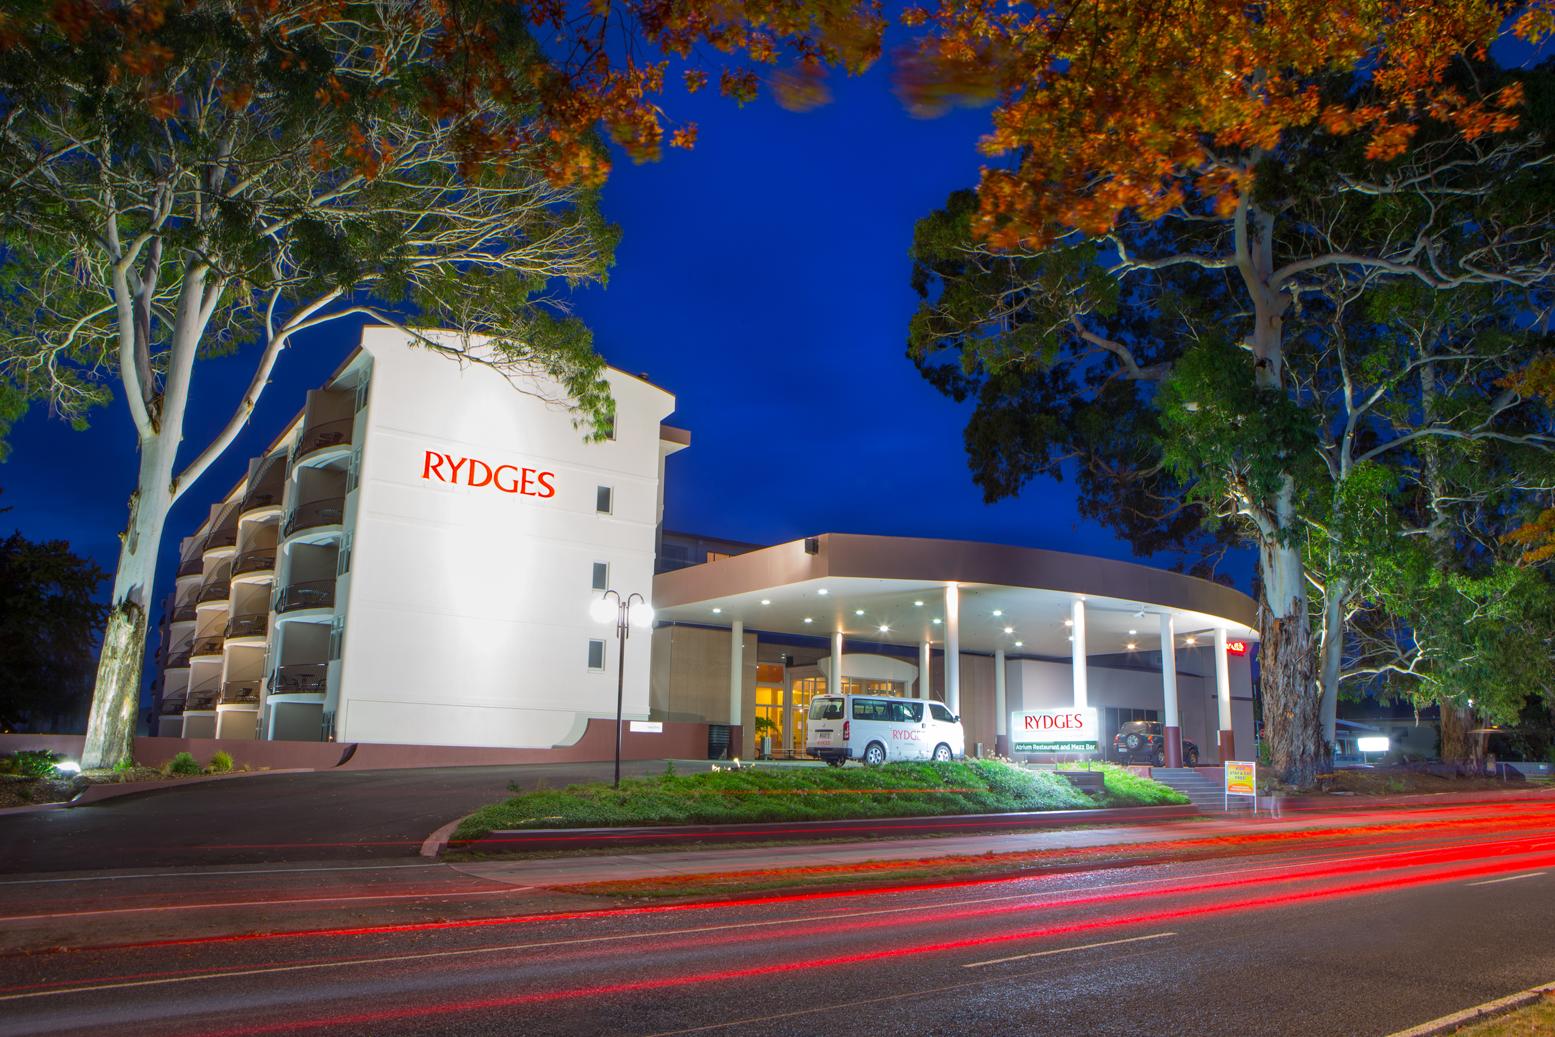 Rydges-Rotorua-Outside-01-Hero About Rotorua